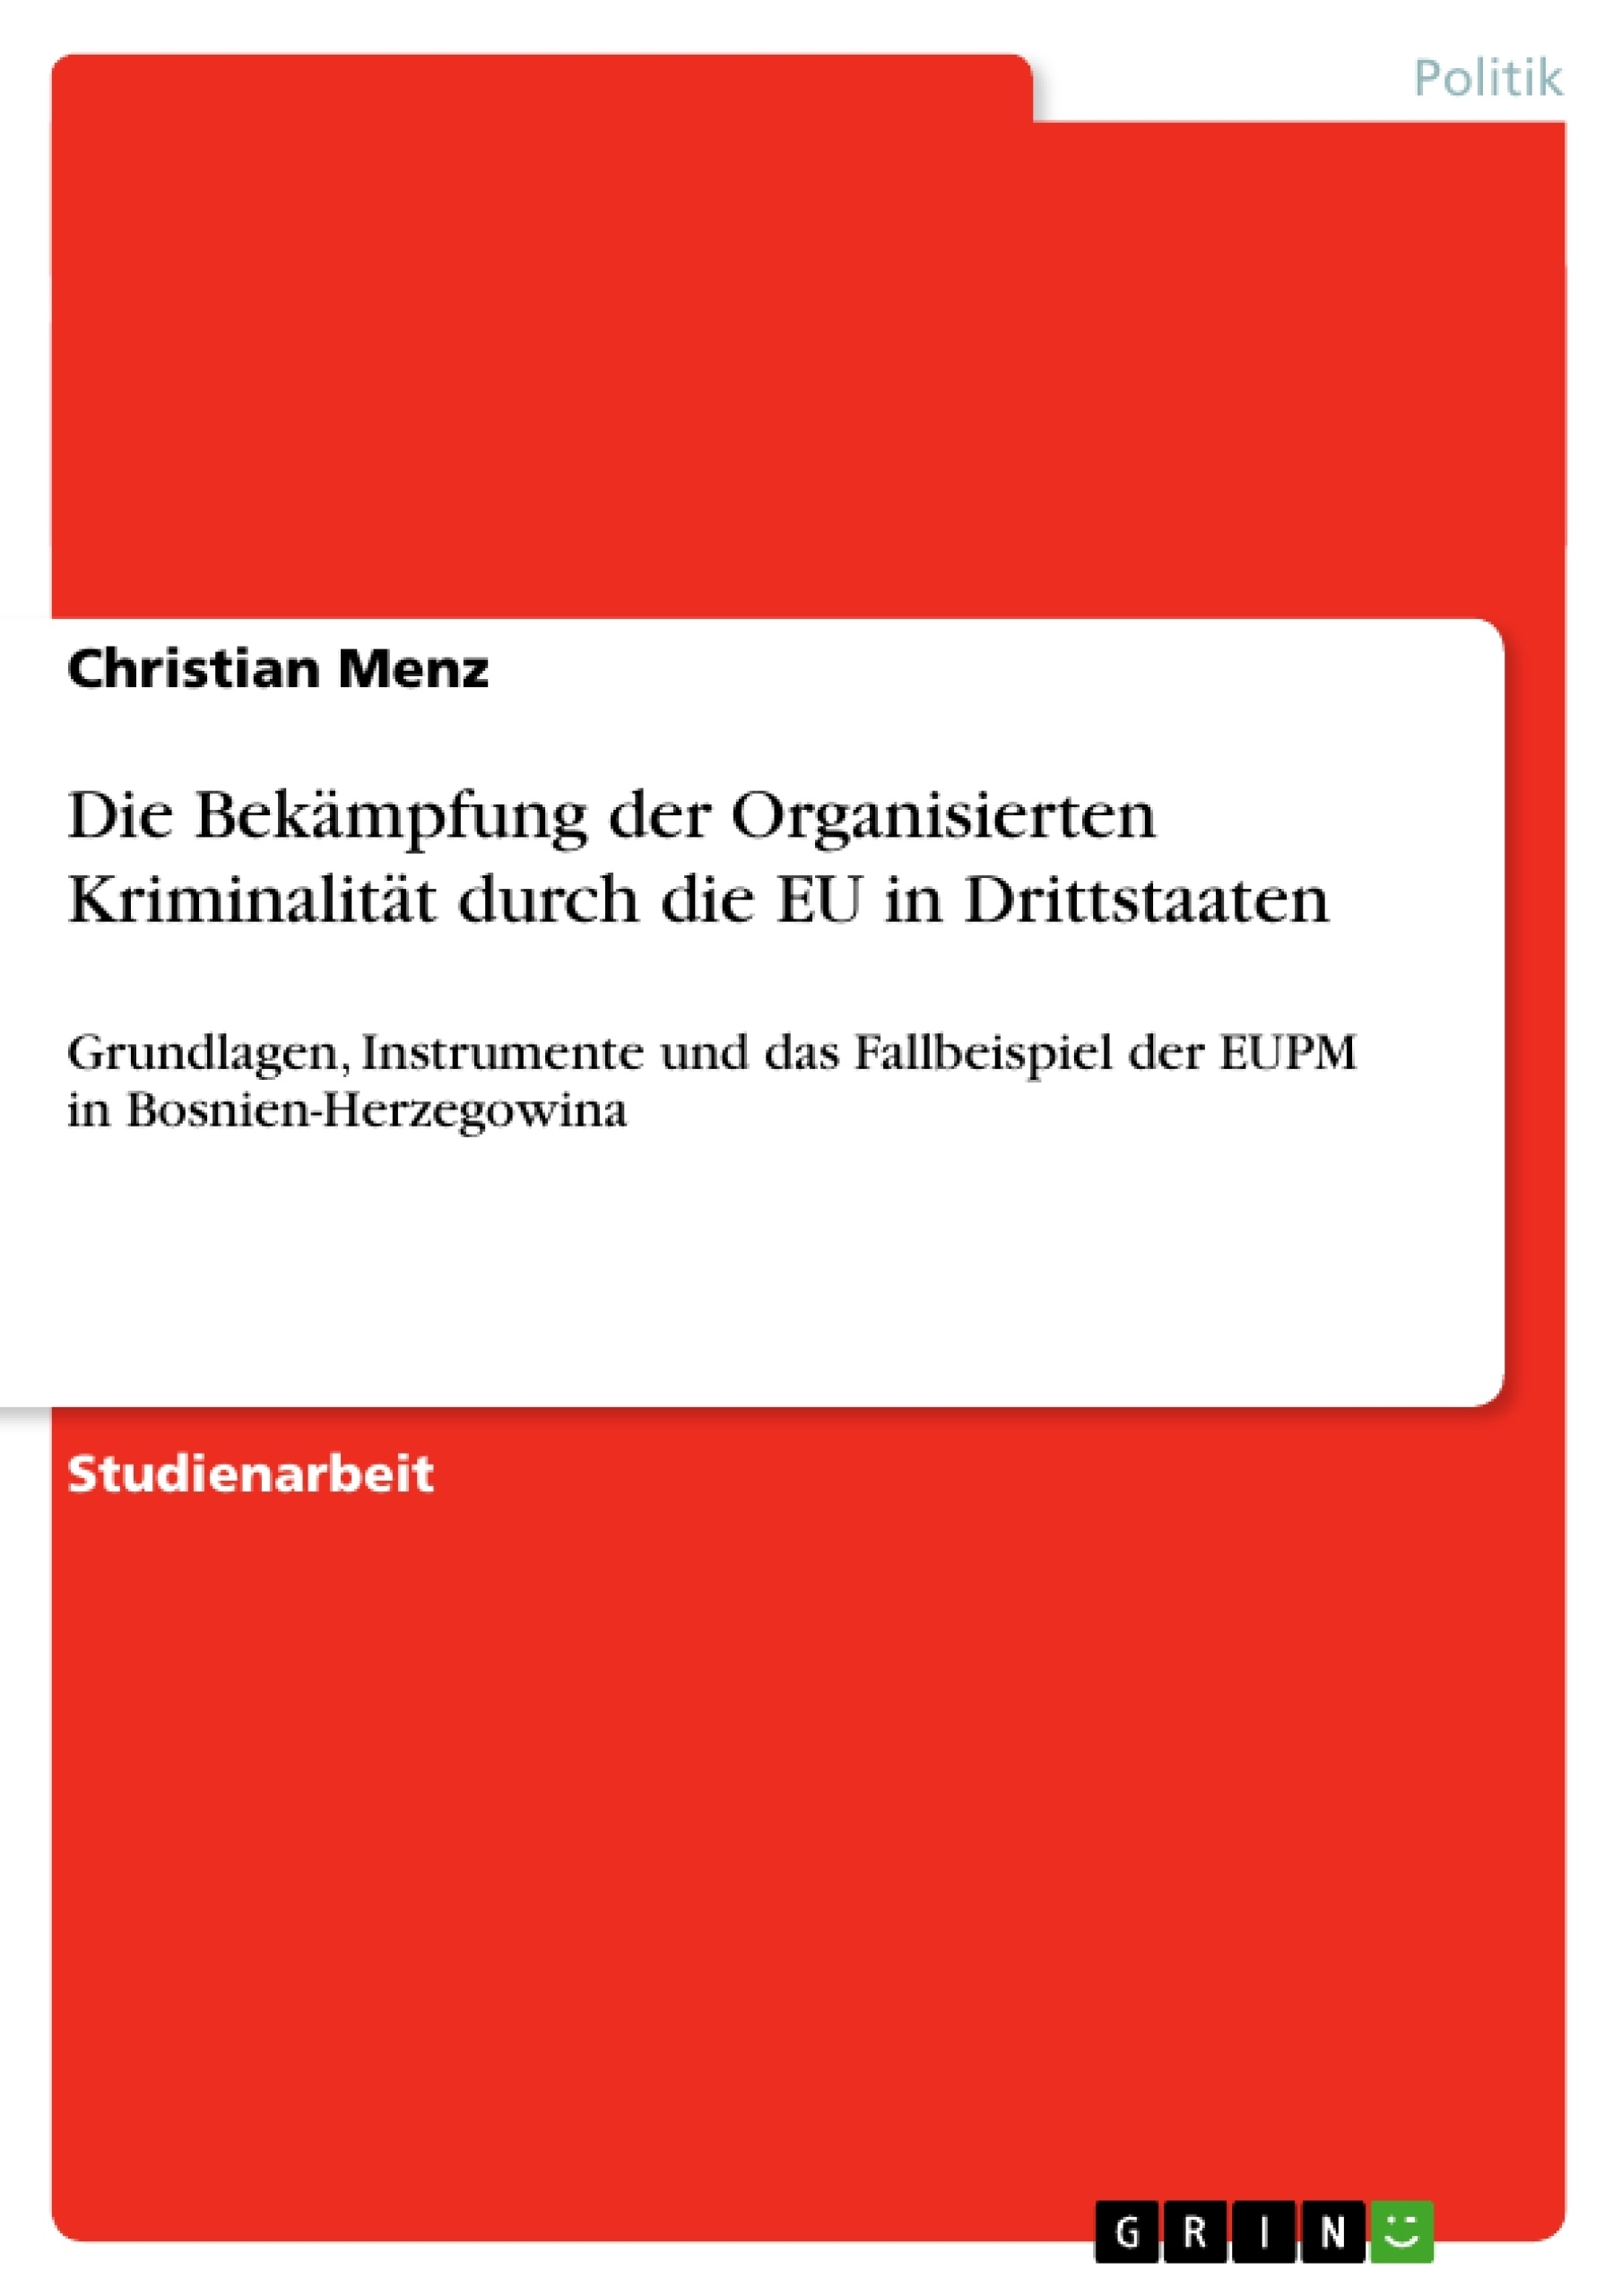 Titel: Die Bekämpfung der Organisierten Kriminalität  durch die EU in Drittstaaten